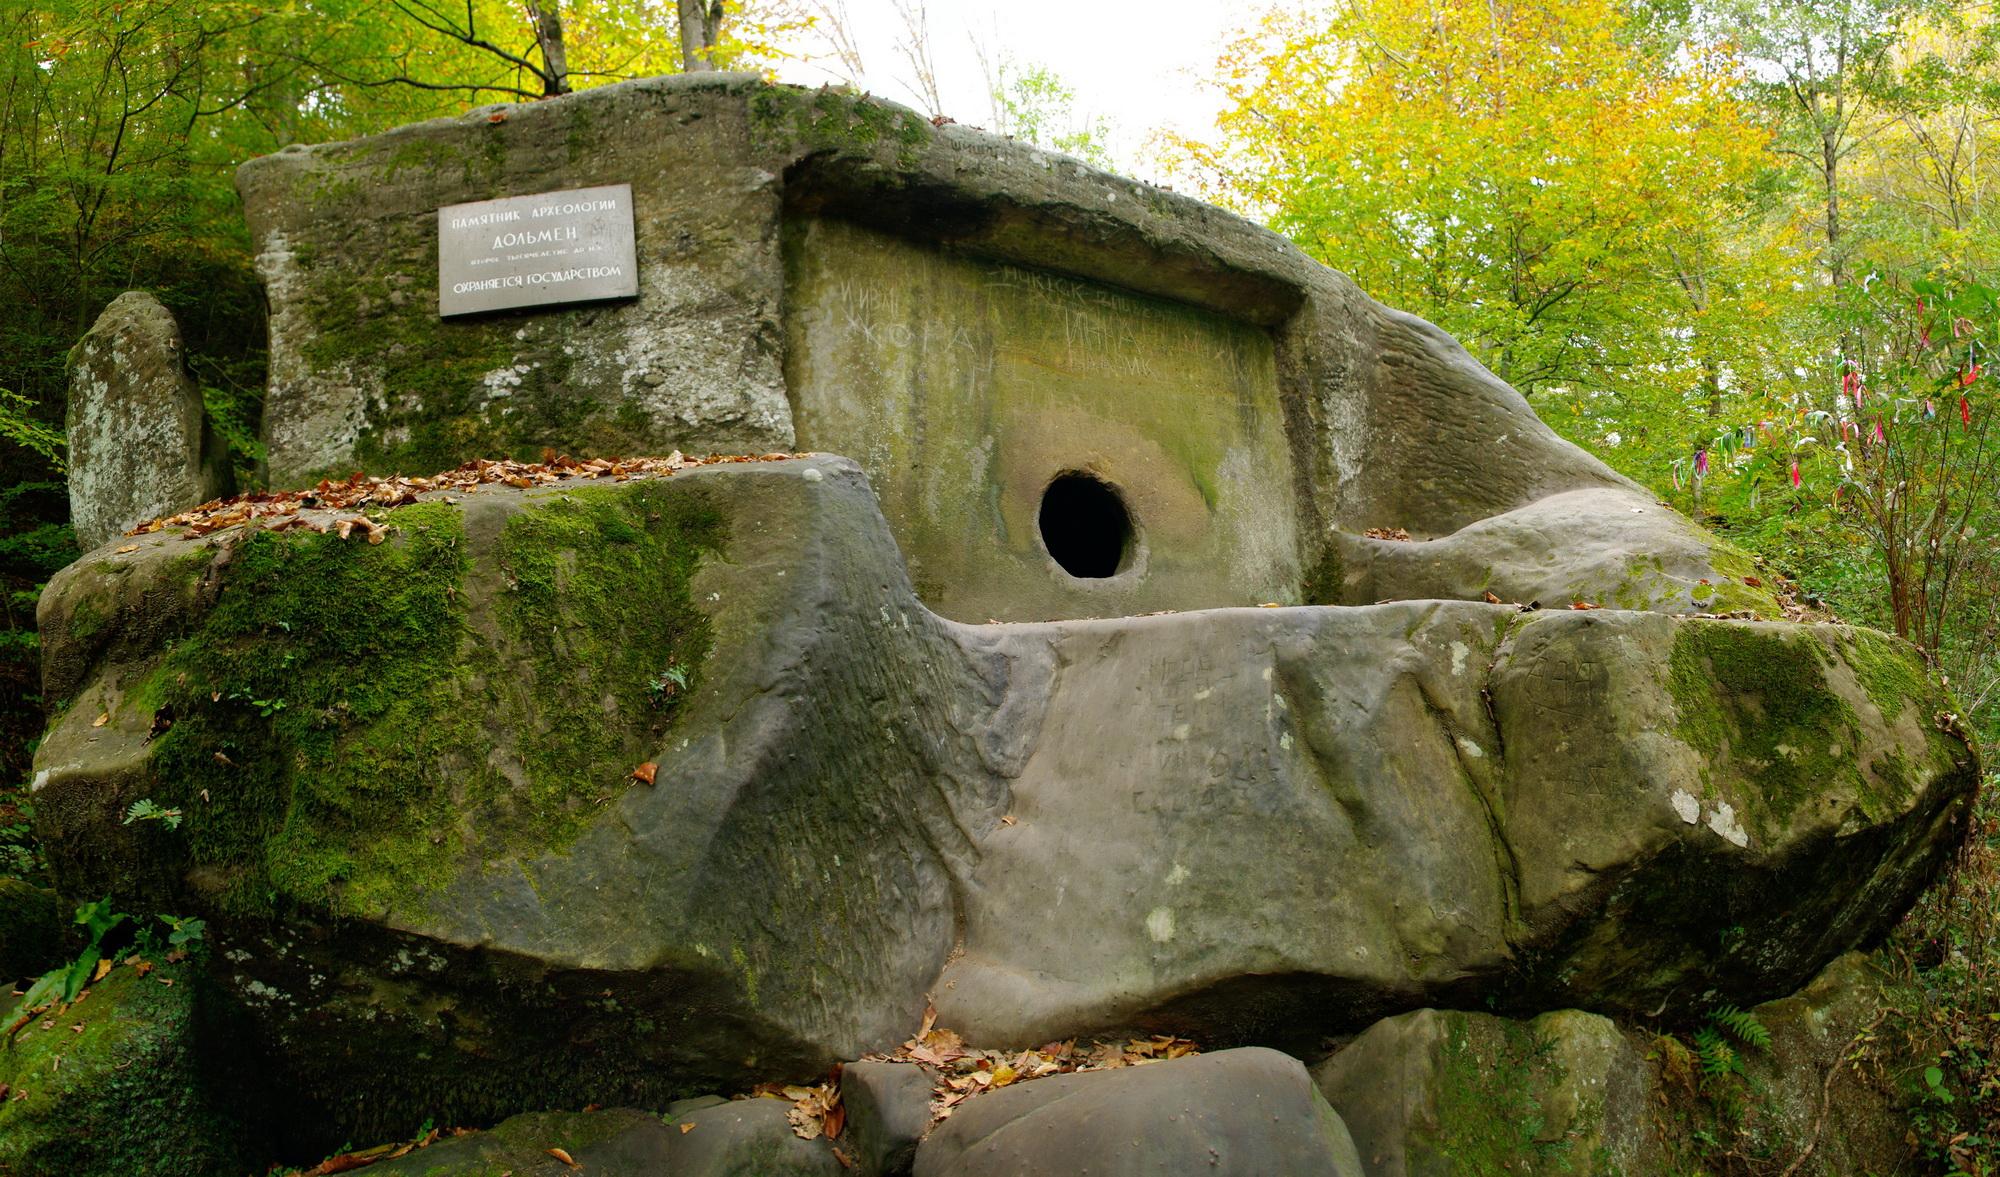 Видео о дольменах — древних загадочных мегалитических сооружениях